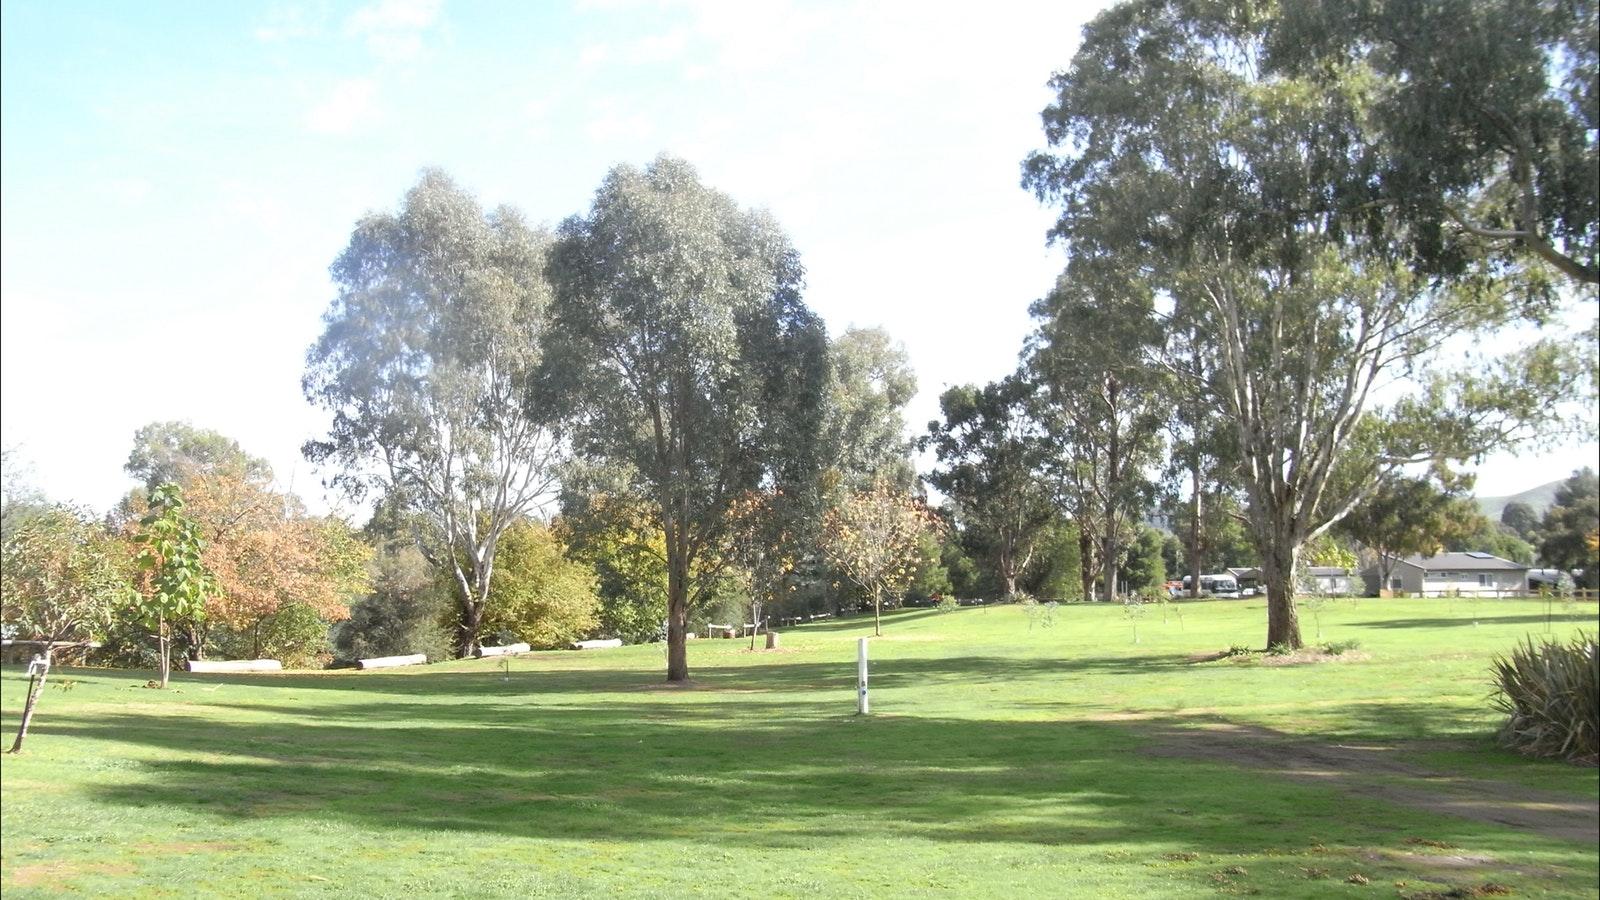 Park Sites